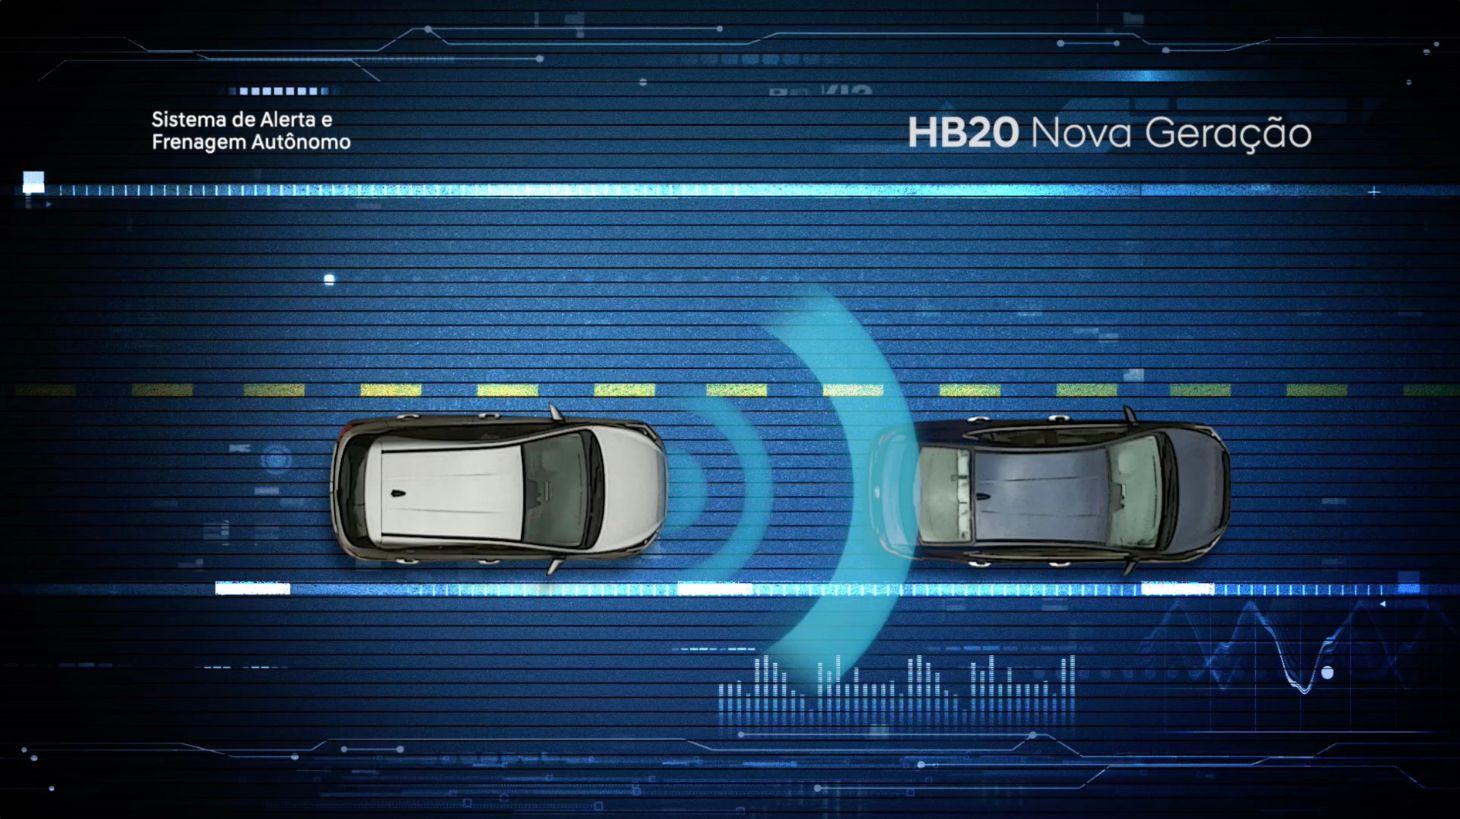 sistema de frenagem autonoma hb20 2020